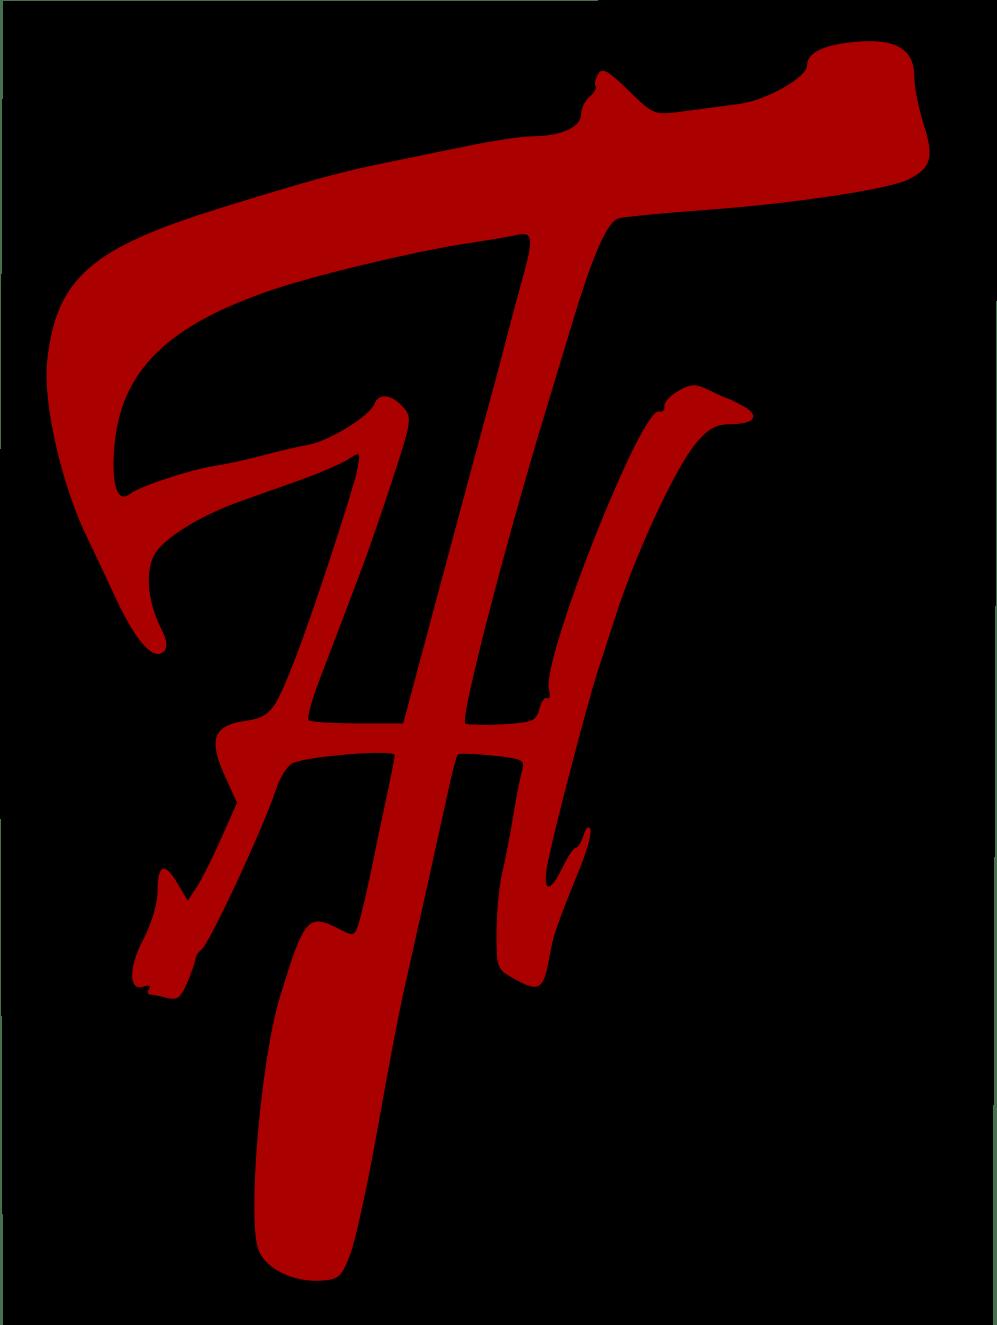 Hohenhewenteufel Hegau e.V.